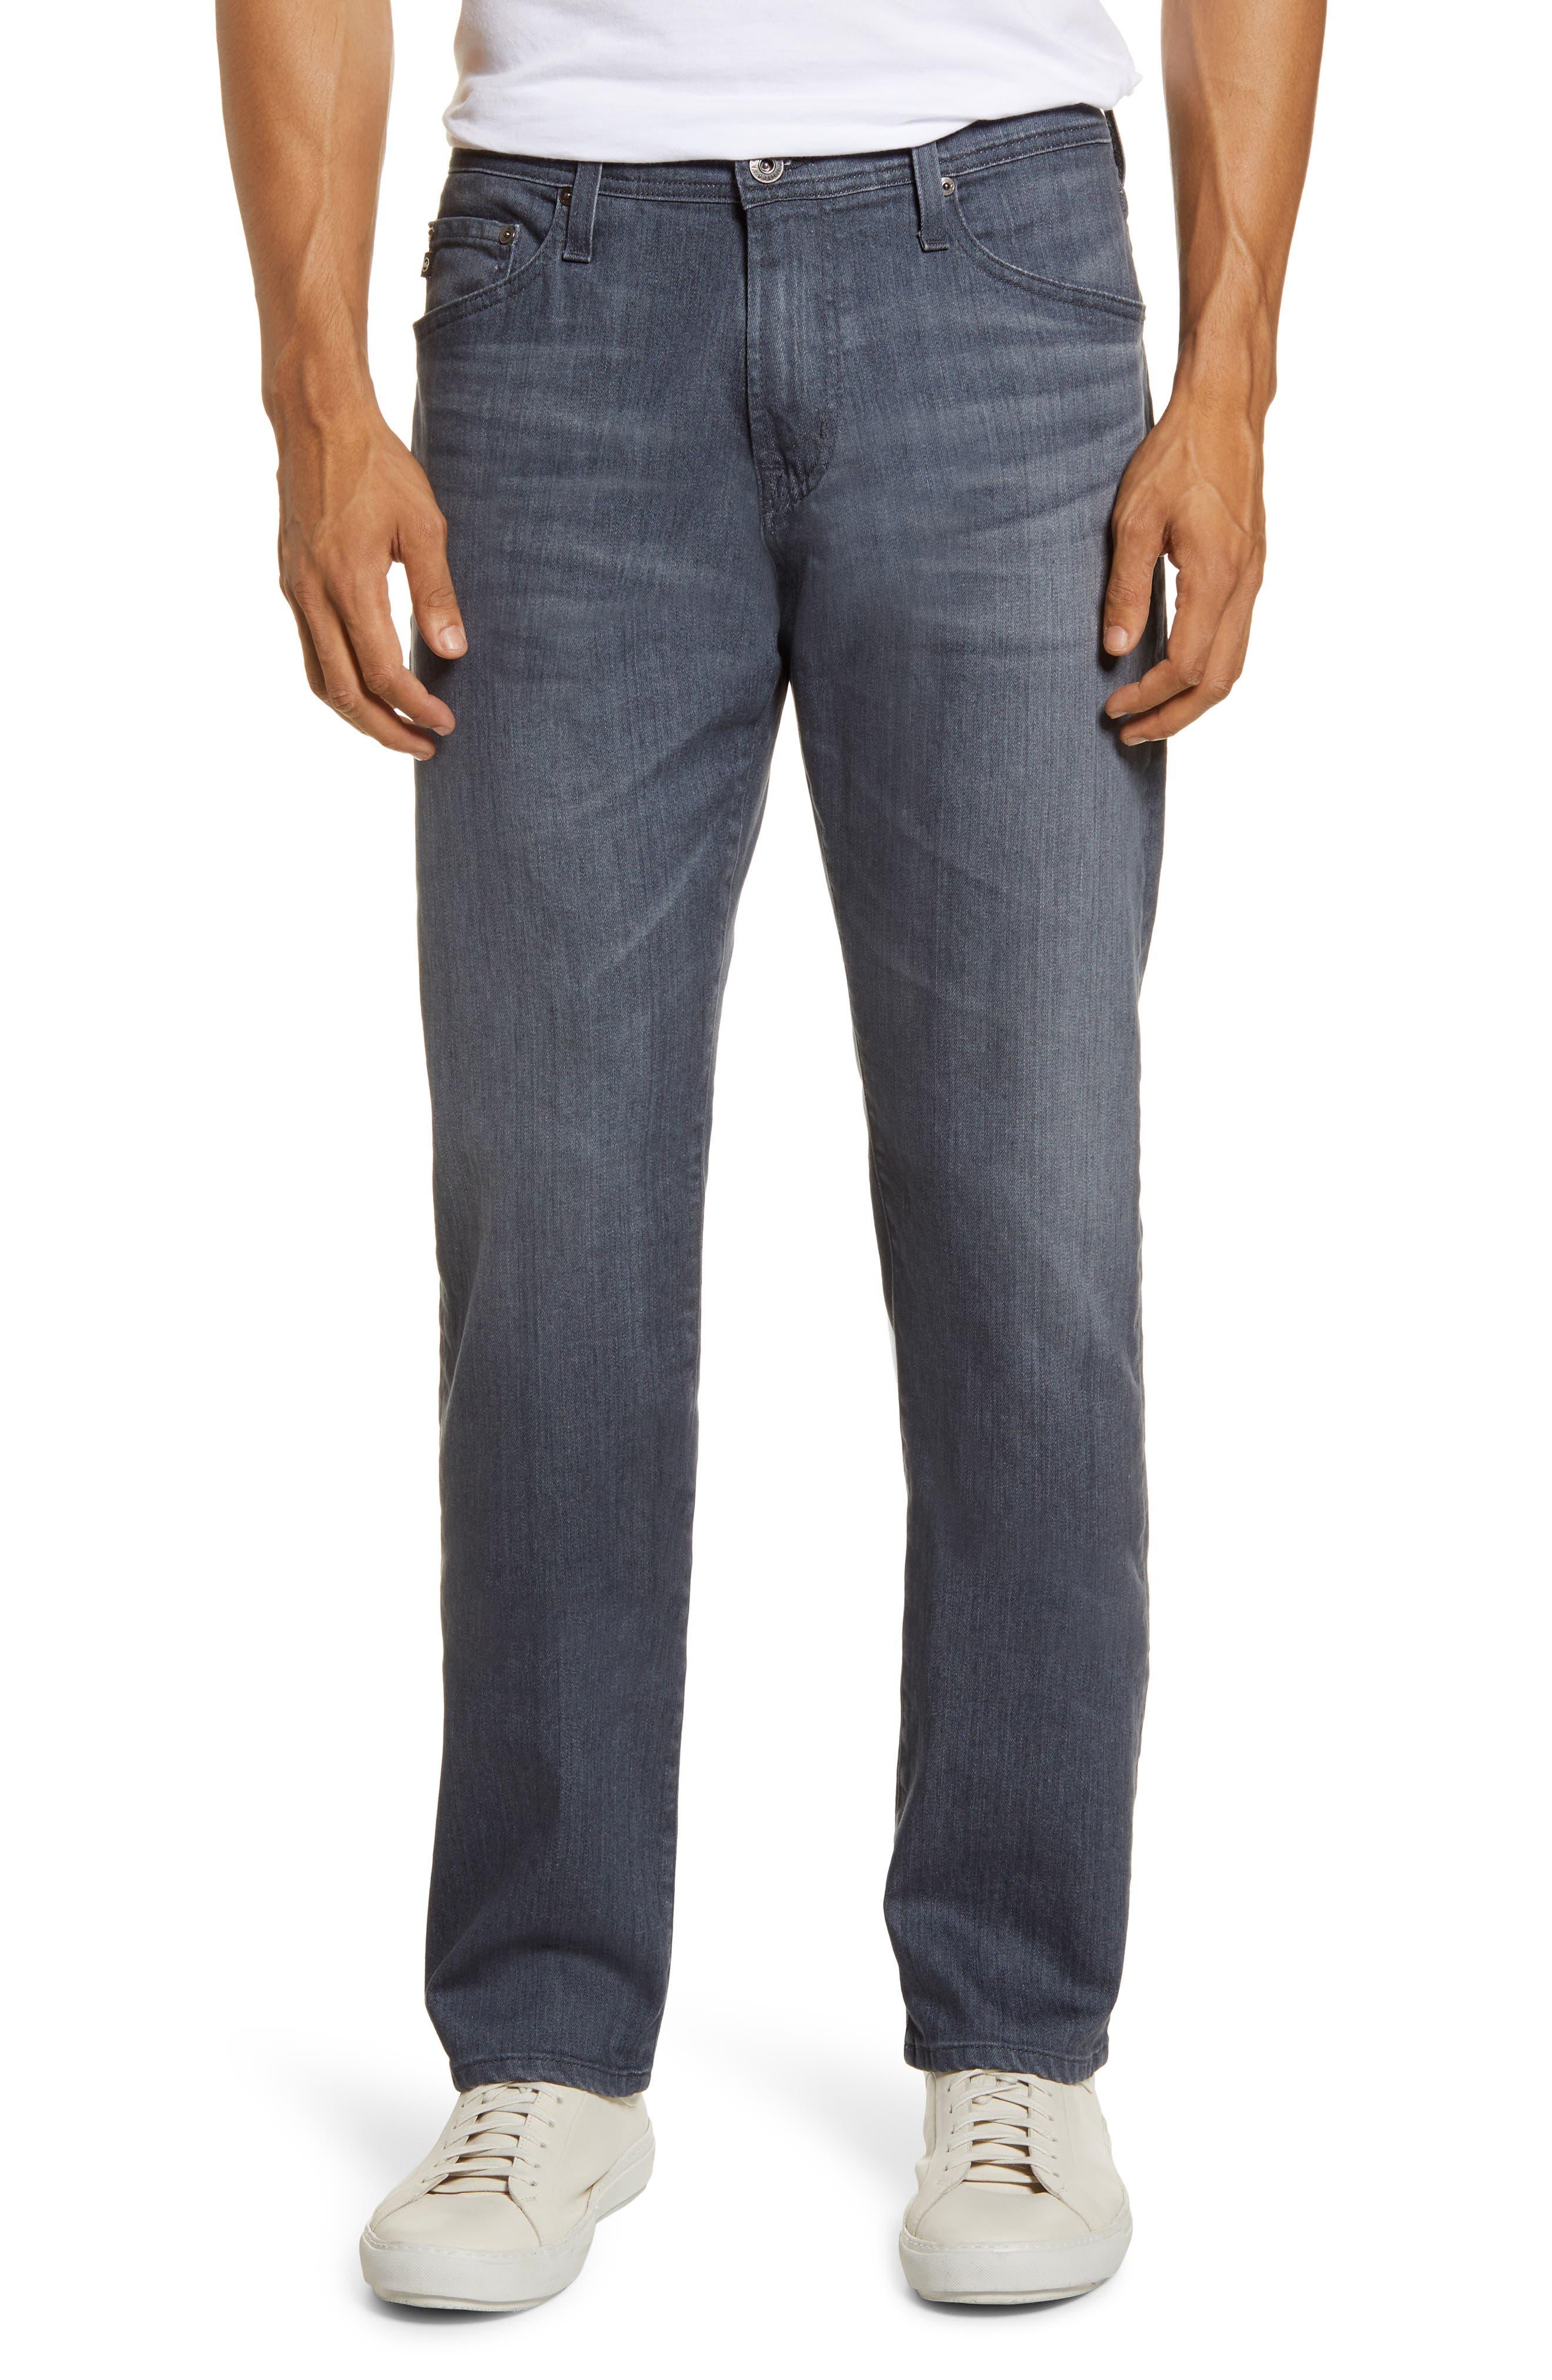 Men's Ag Everett Slim Straight Leg Jeans,  30 x 34 - Grey